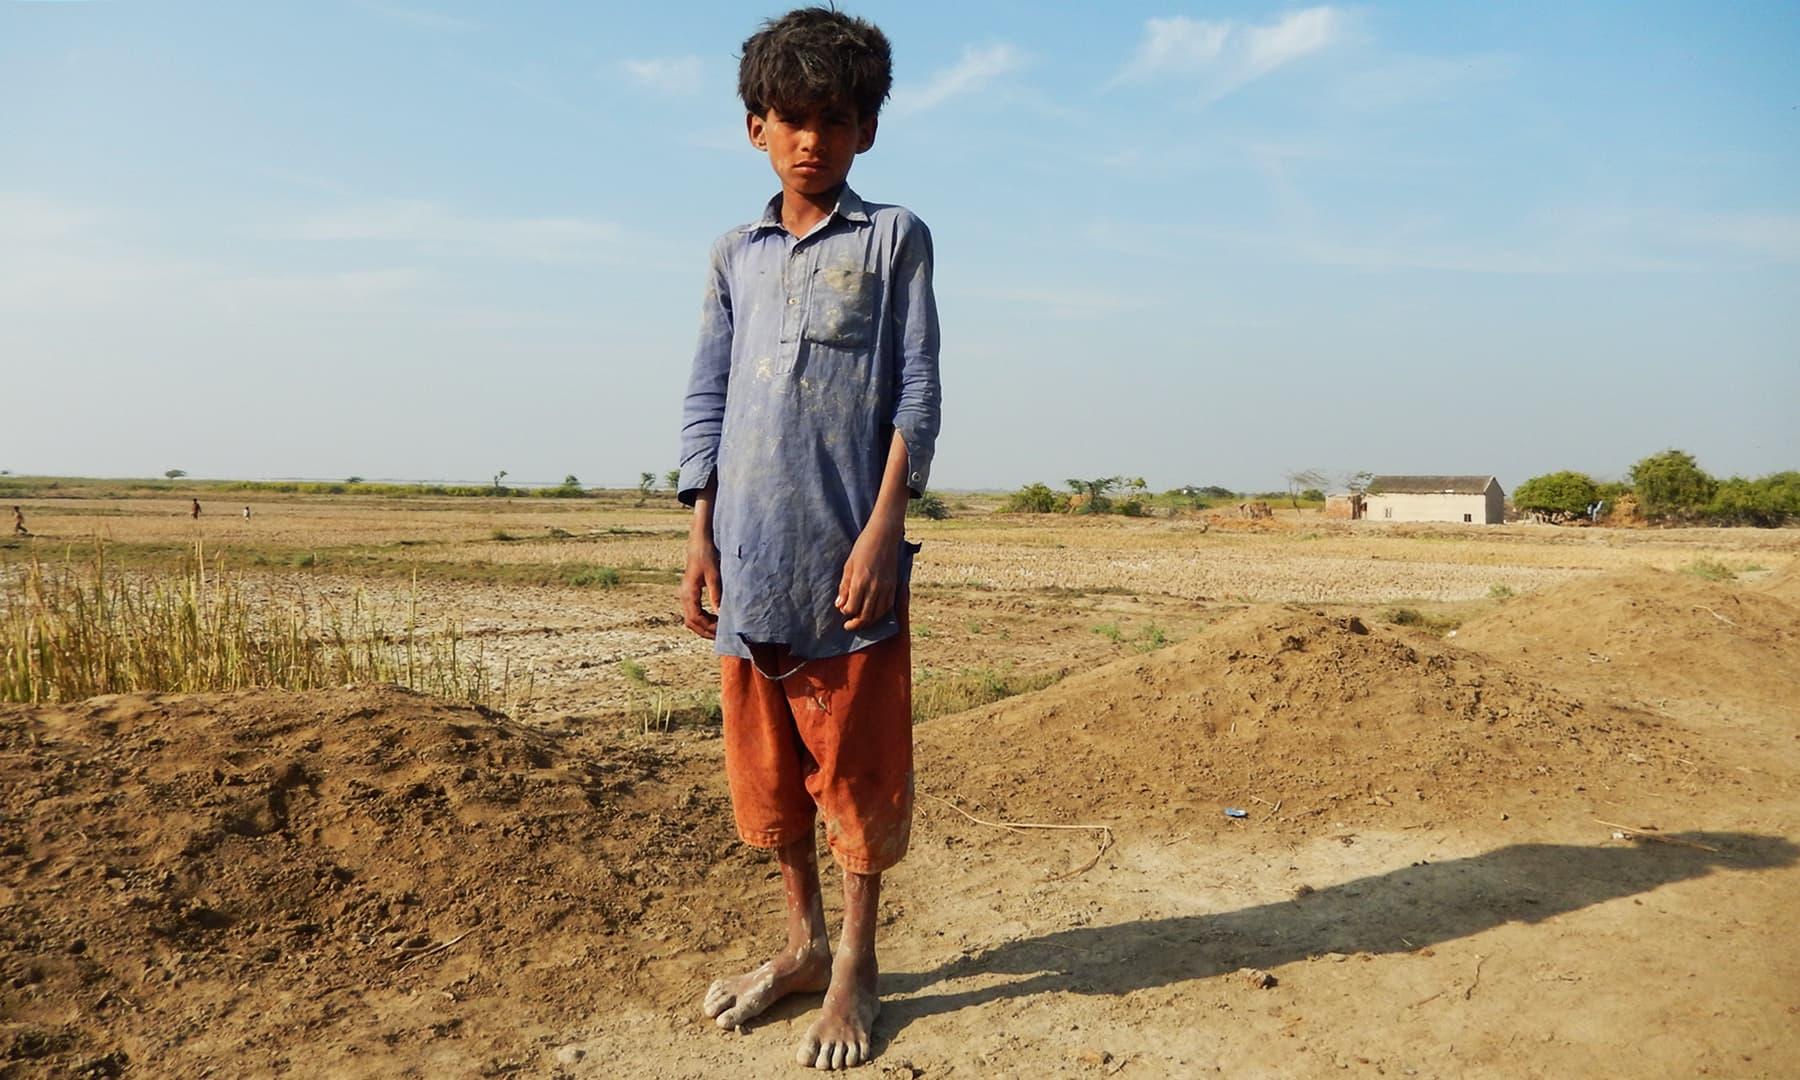 گاؤں کا ایک بچہ — تصویر ابوبکر شیخ